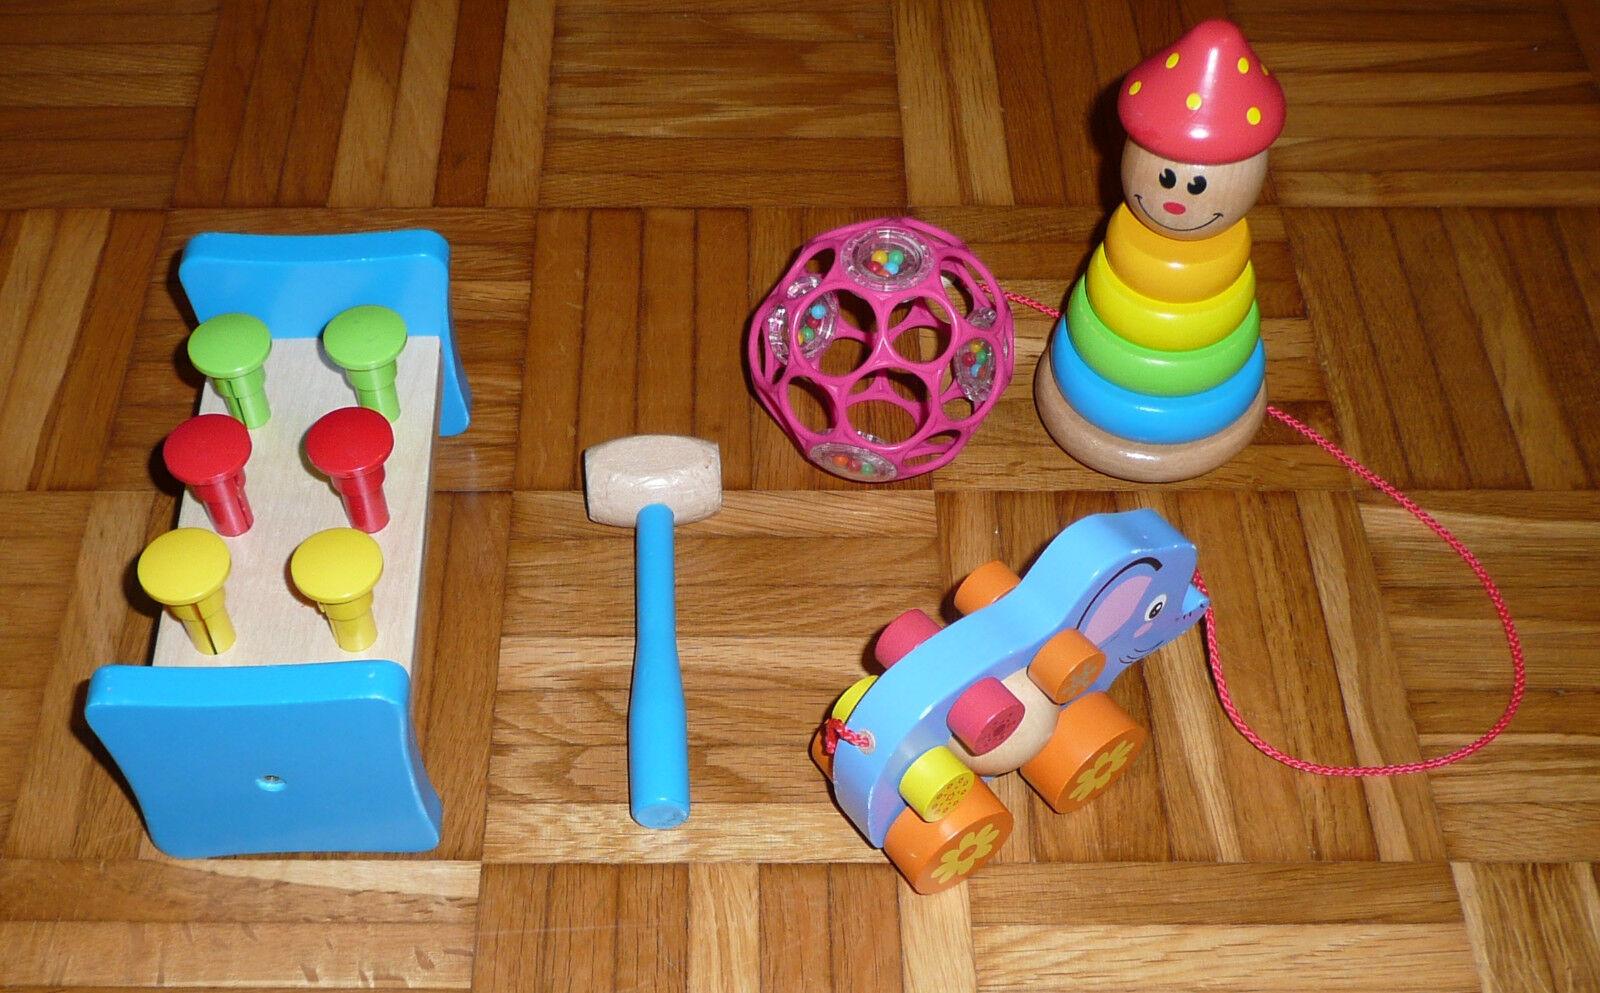 Spielzeugset: Oball, Klopfbank, Stapel Clown, Ziehtier Elefant, gebraucht